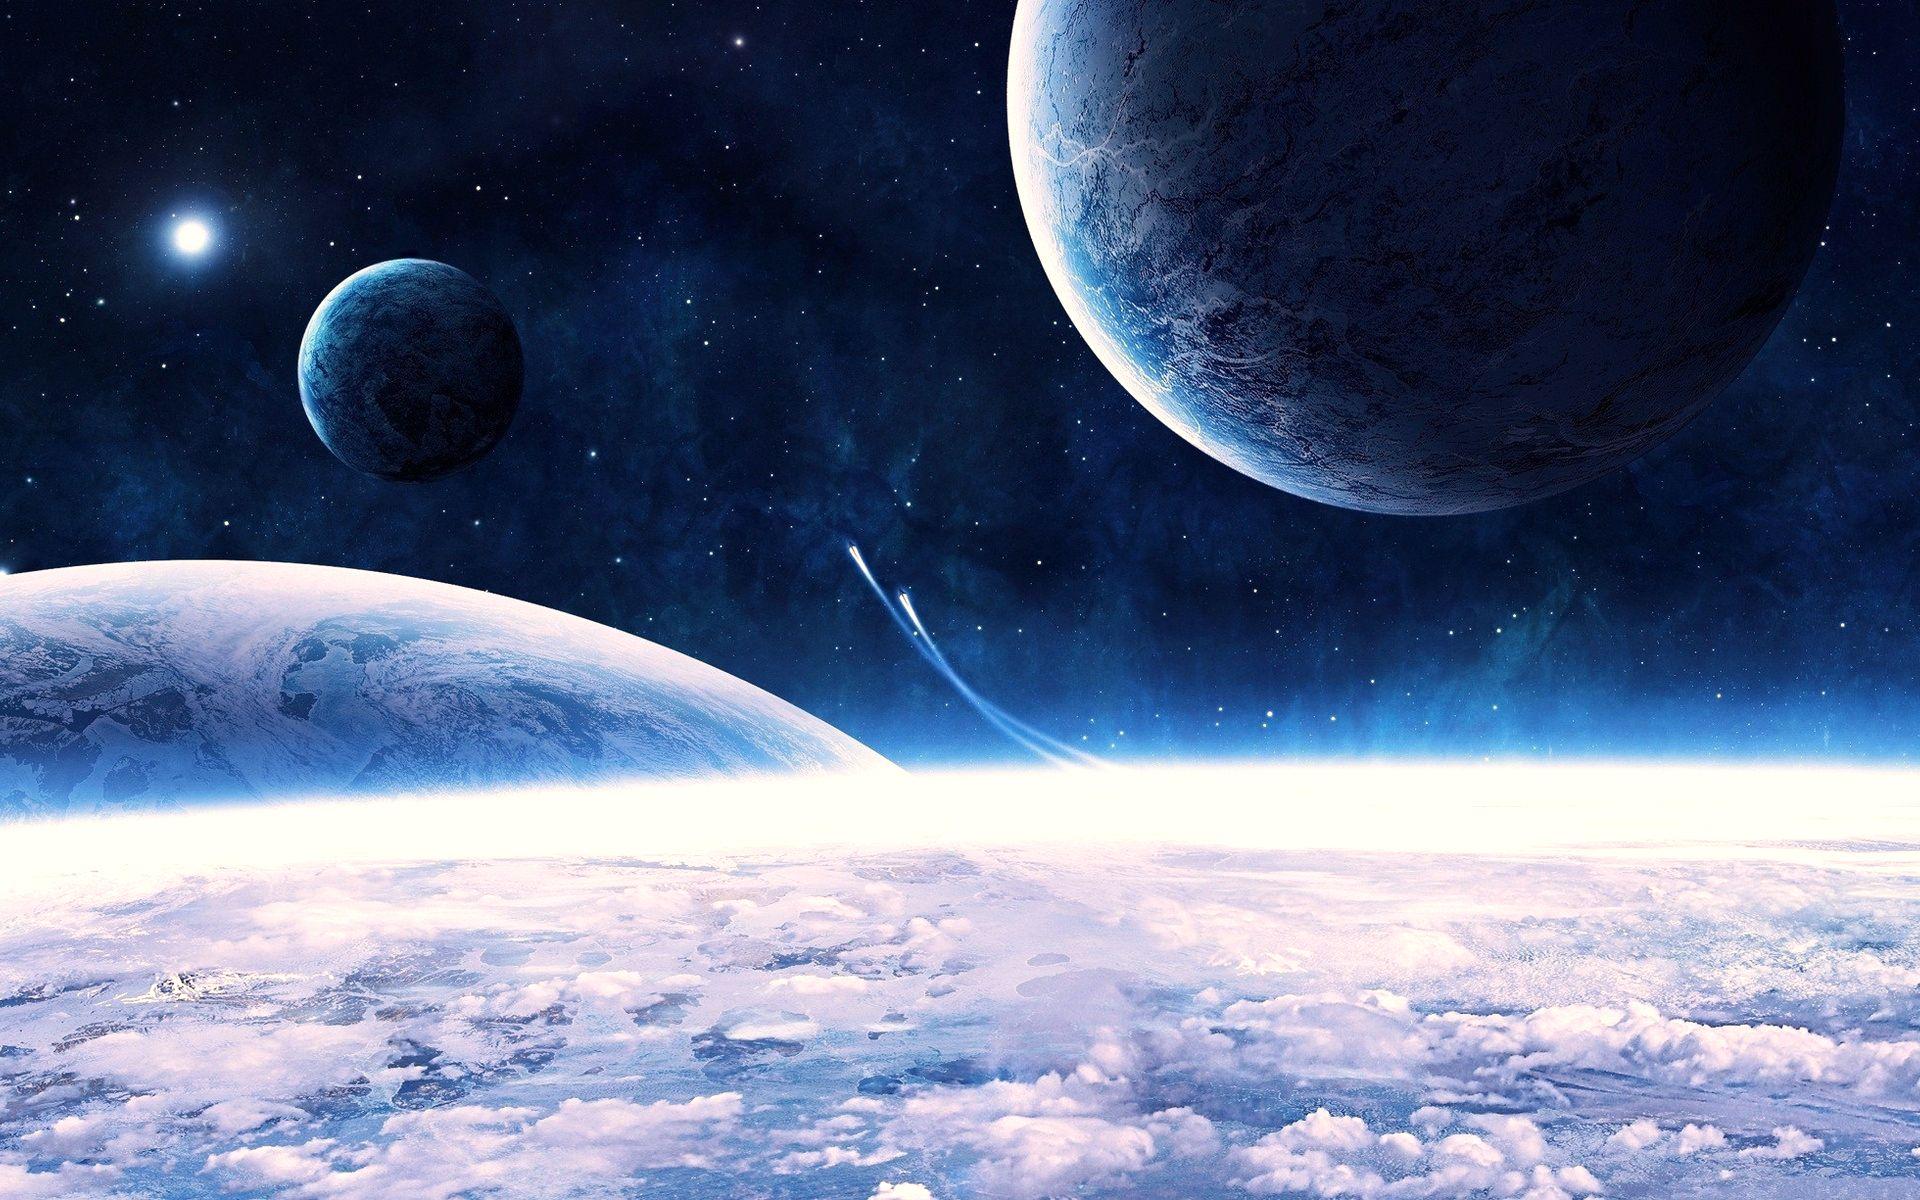 Обои Планеты синие картинки на рабочий стол на тему Космос - скачать  № 1765766 бесплатно